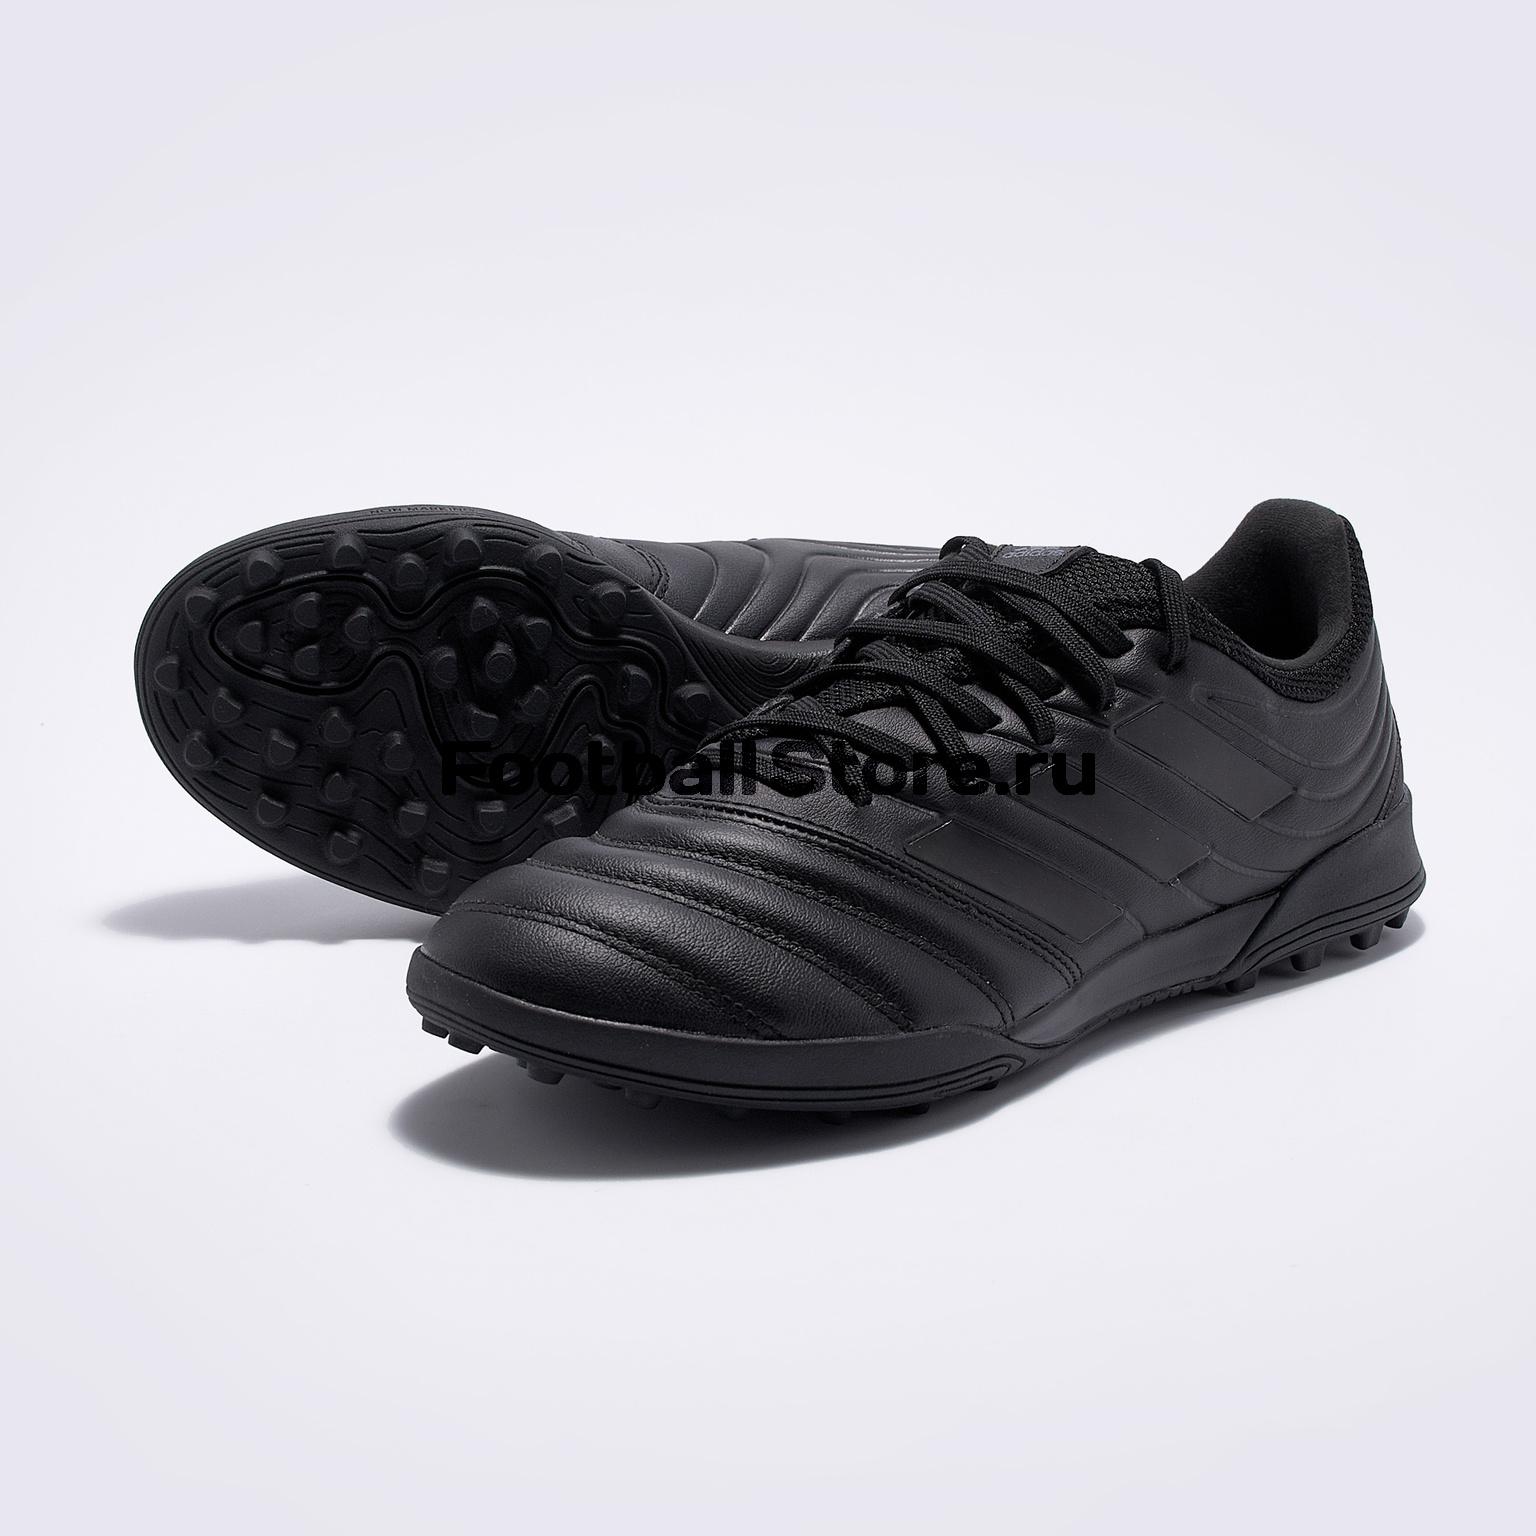 Шиповки Adidas Сopa 19.3 TF F35505